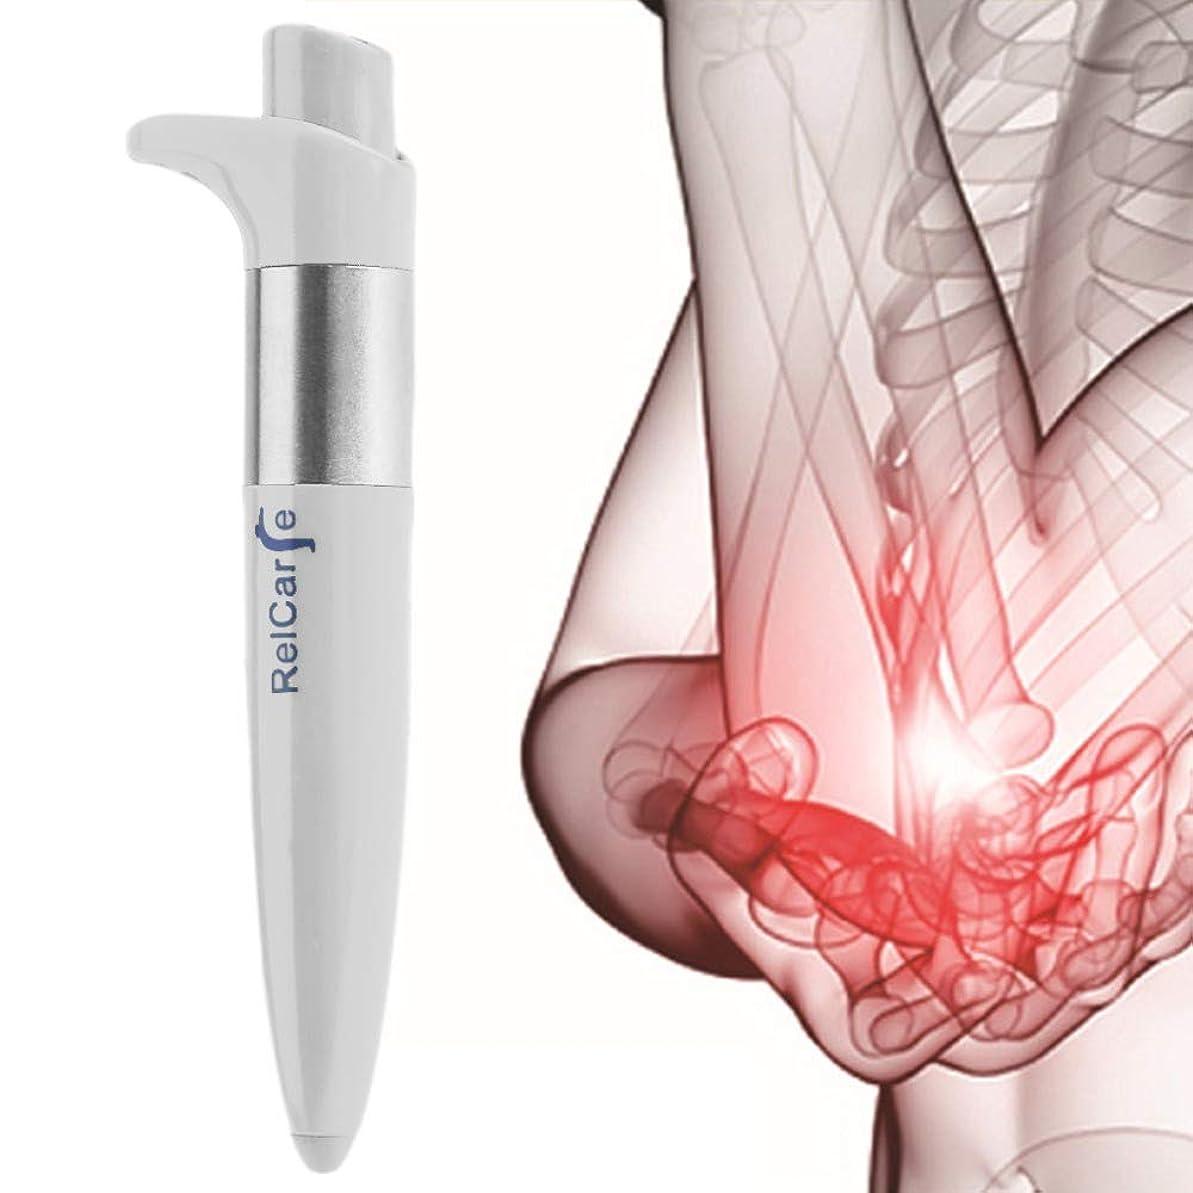 考えへこみ広く鍼灸マッサージペン子午線の痛み治療電子パルス尖端ペン物理的な痛みの軽減